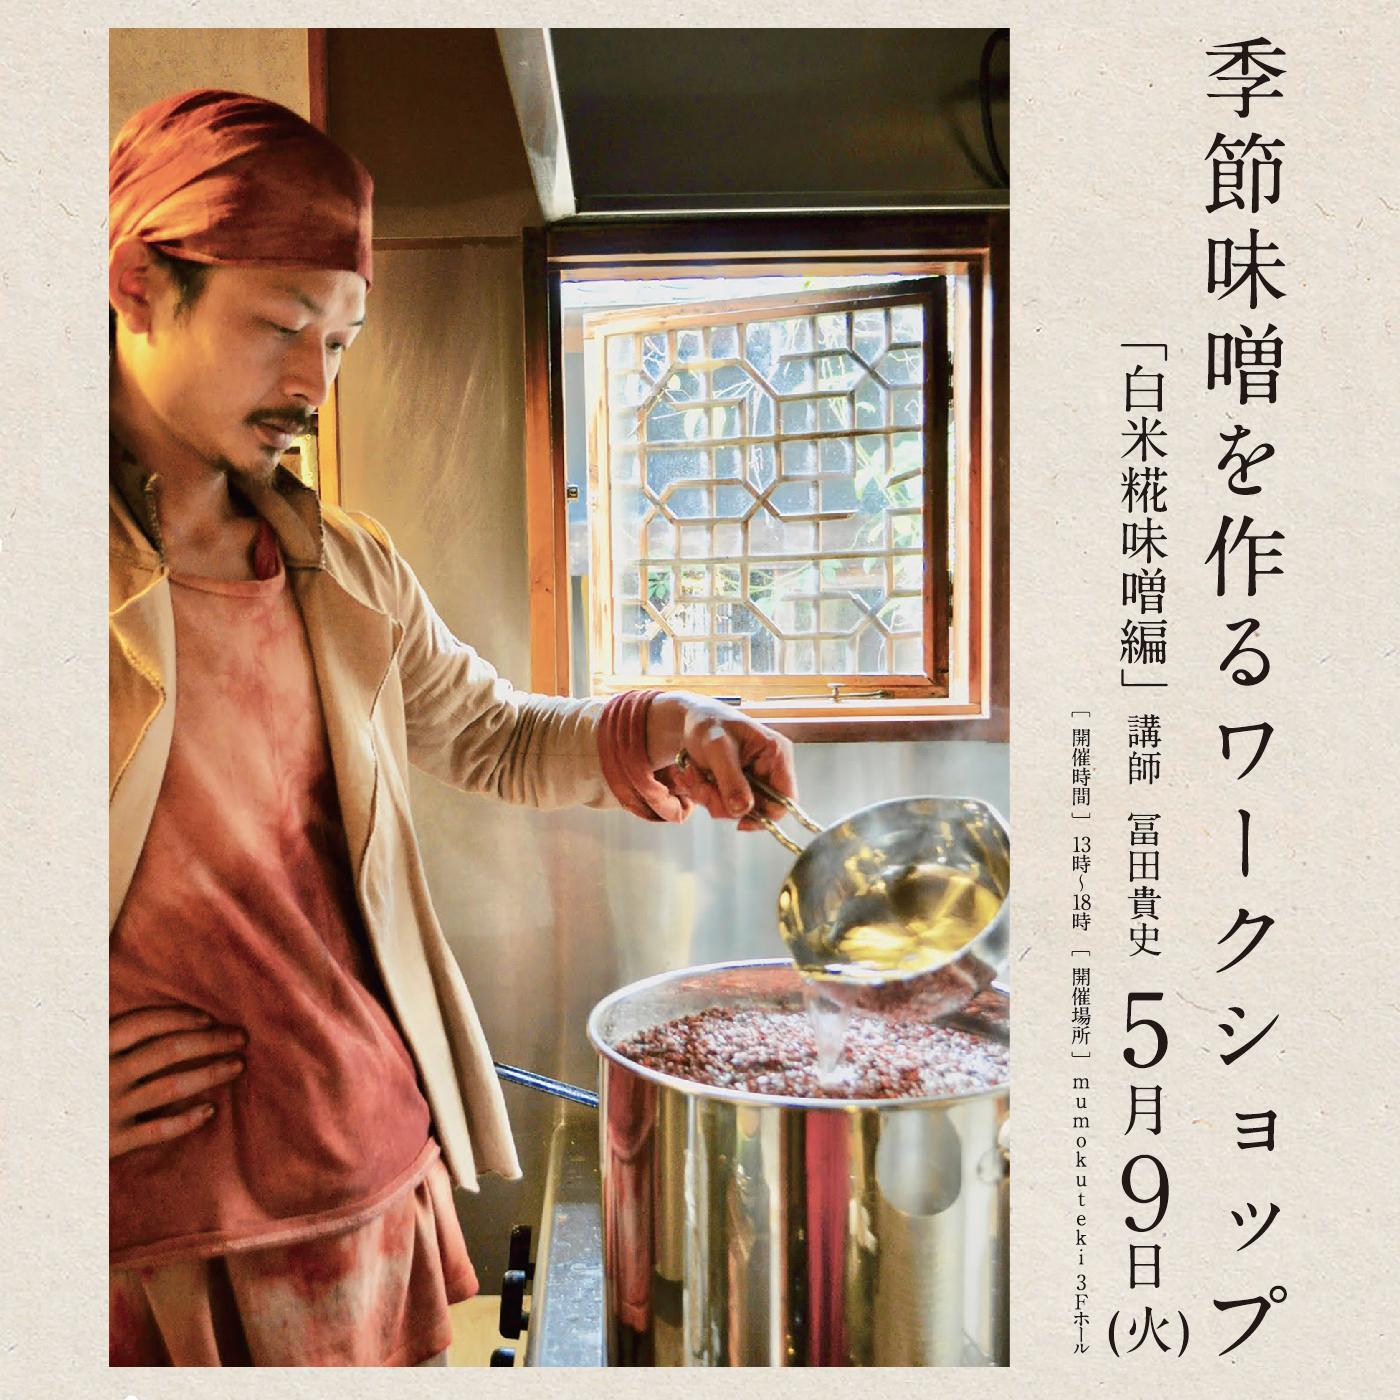 季節味噌を作るワークショップ「白米糀味噌編」 講師:冨田貴史